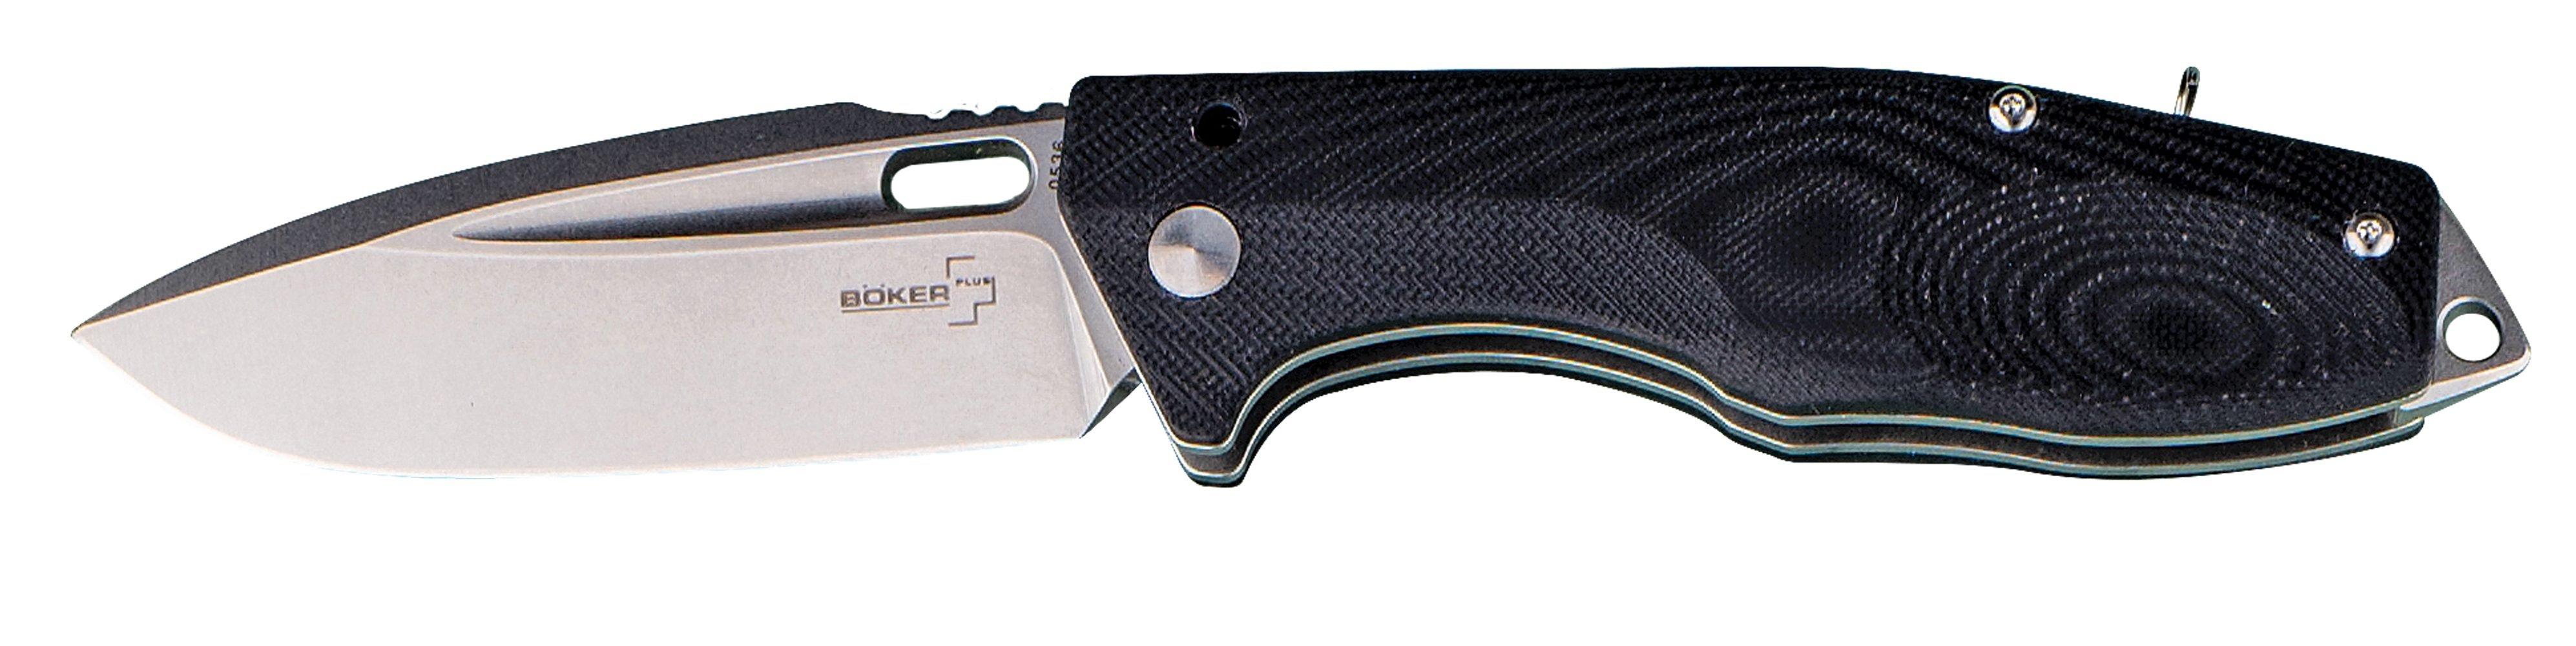 Boker Plus01BO753 pocketknives